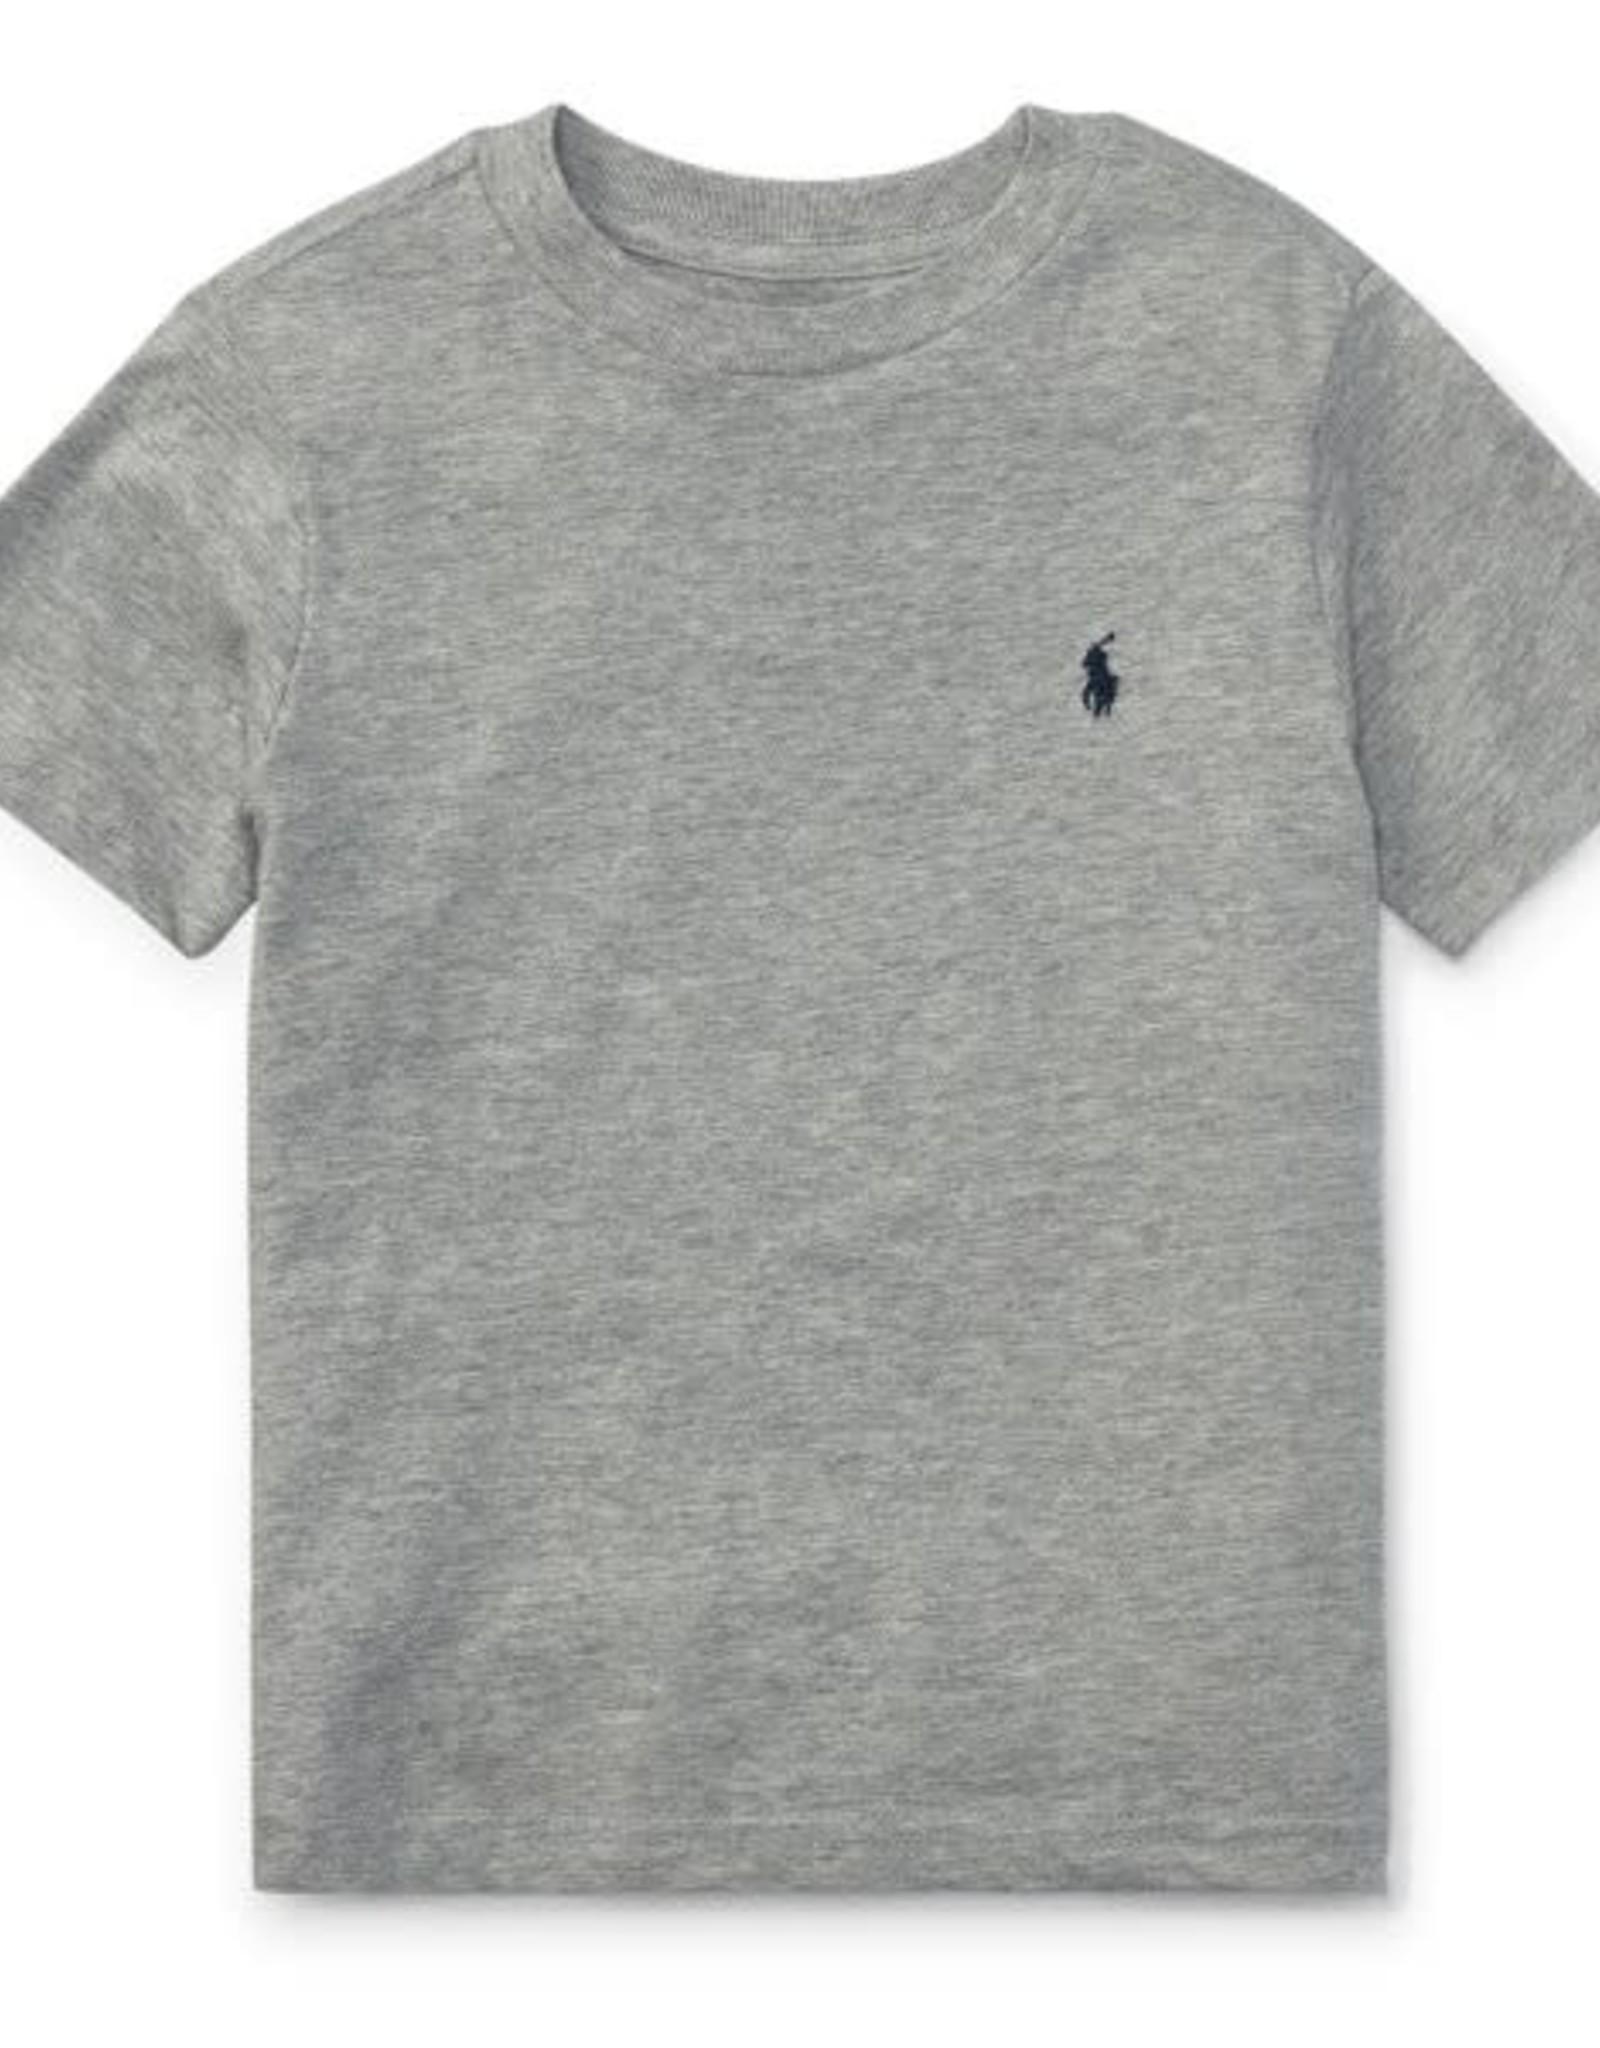 RALPH LAUREN RALPH LAUREN T-shirt grijs korte mouw